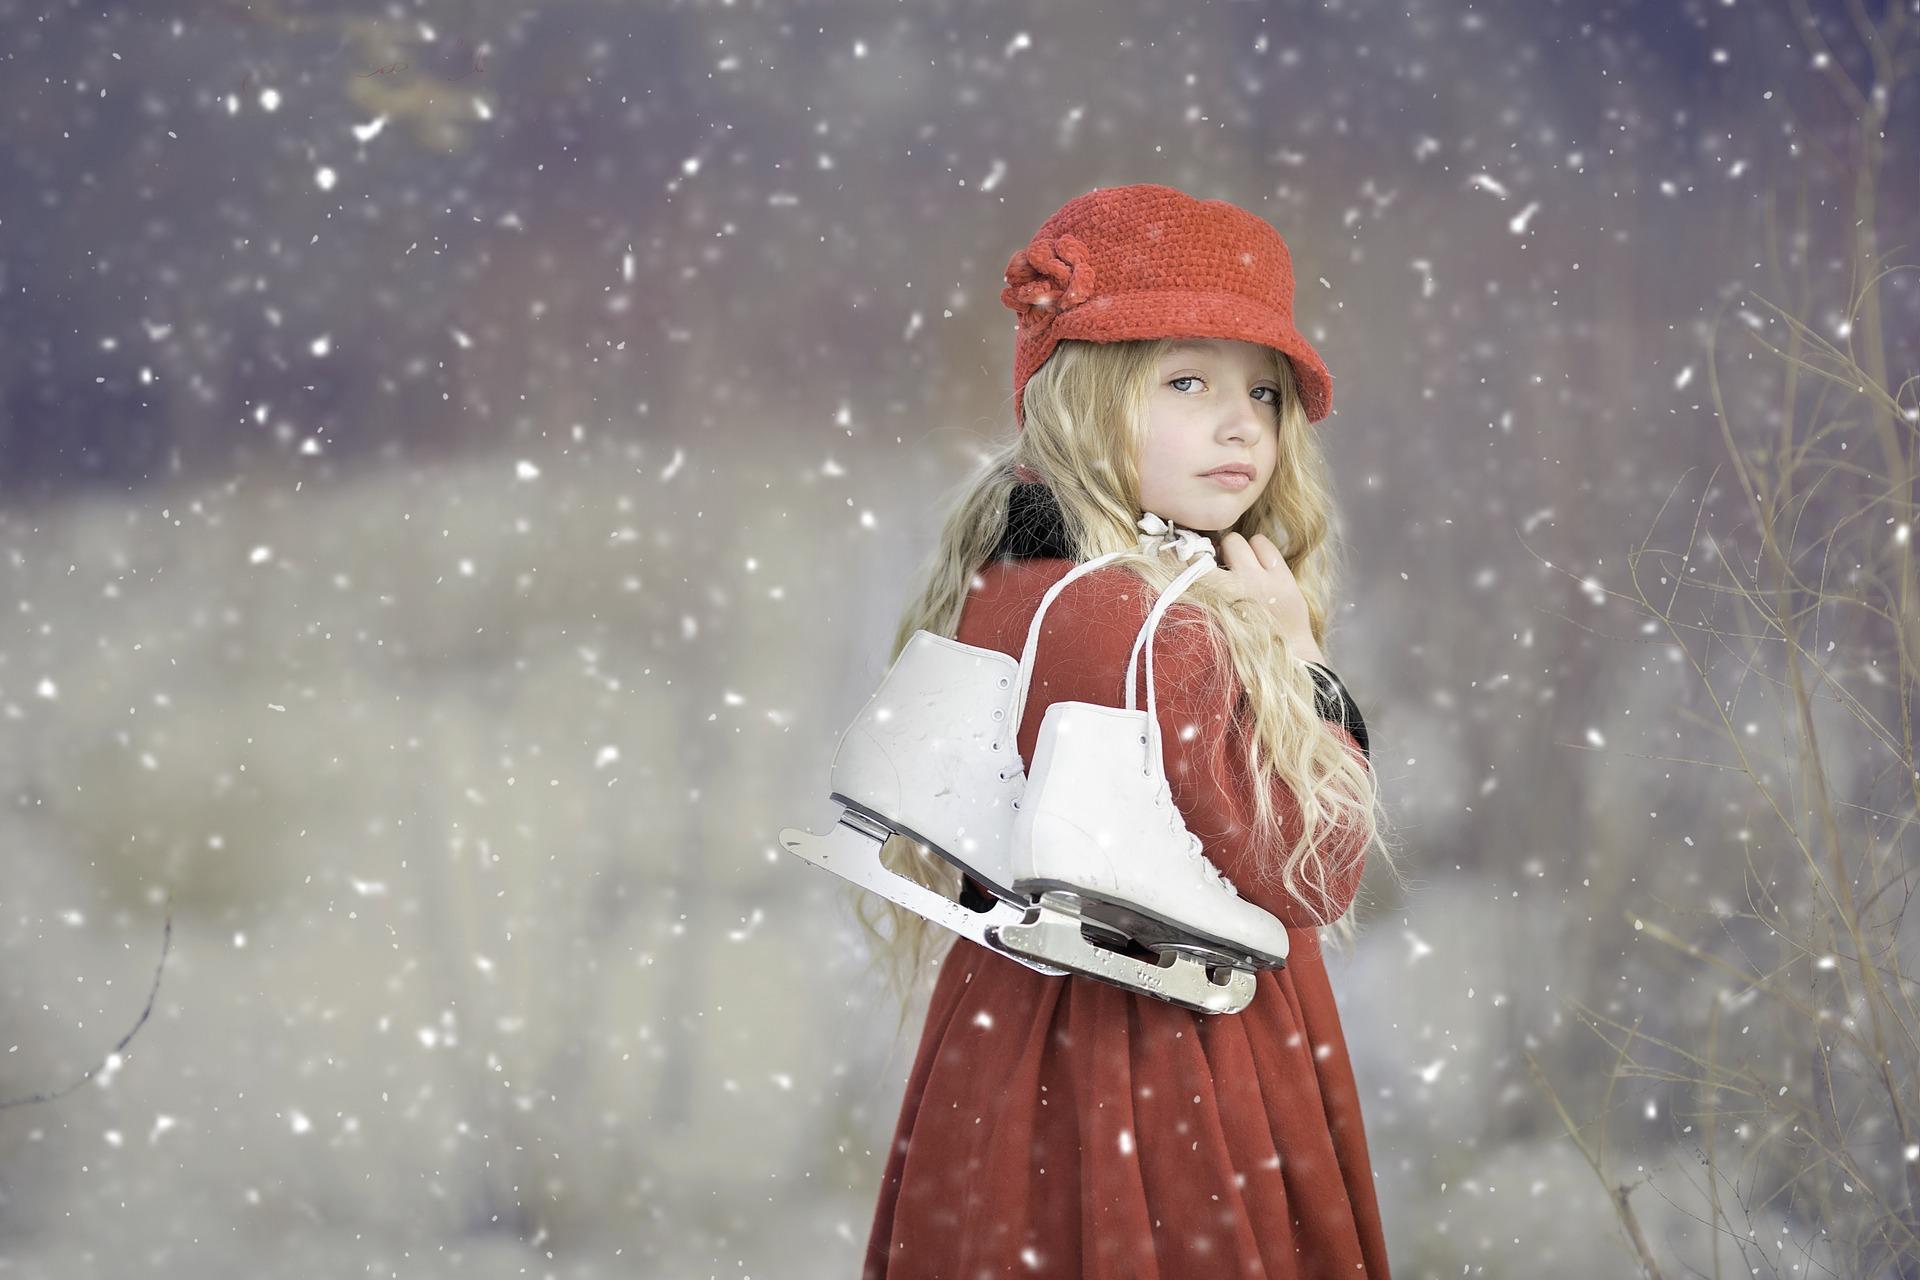 f283d037dc Moda dziecięca na zimę. Tych ubranek nie może zabraknąć w szafie ...